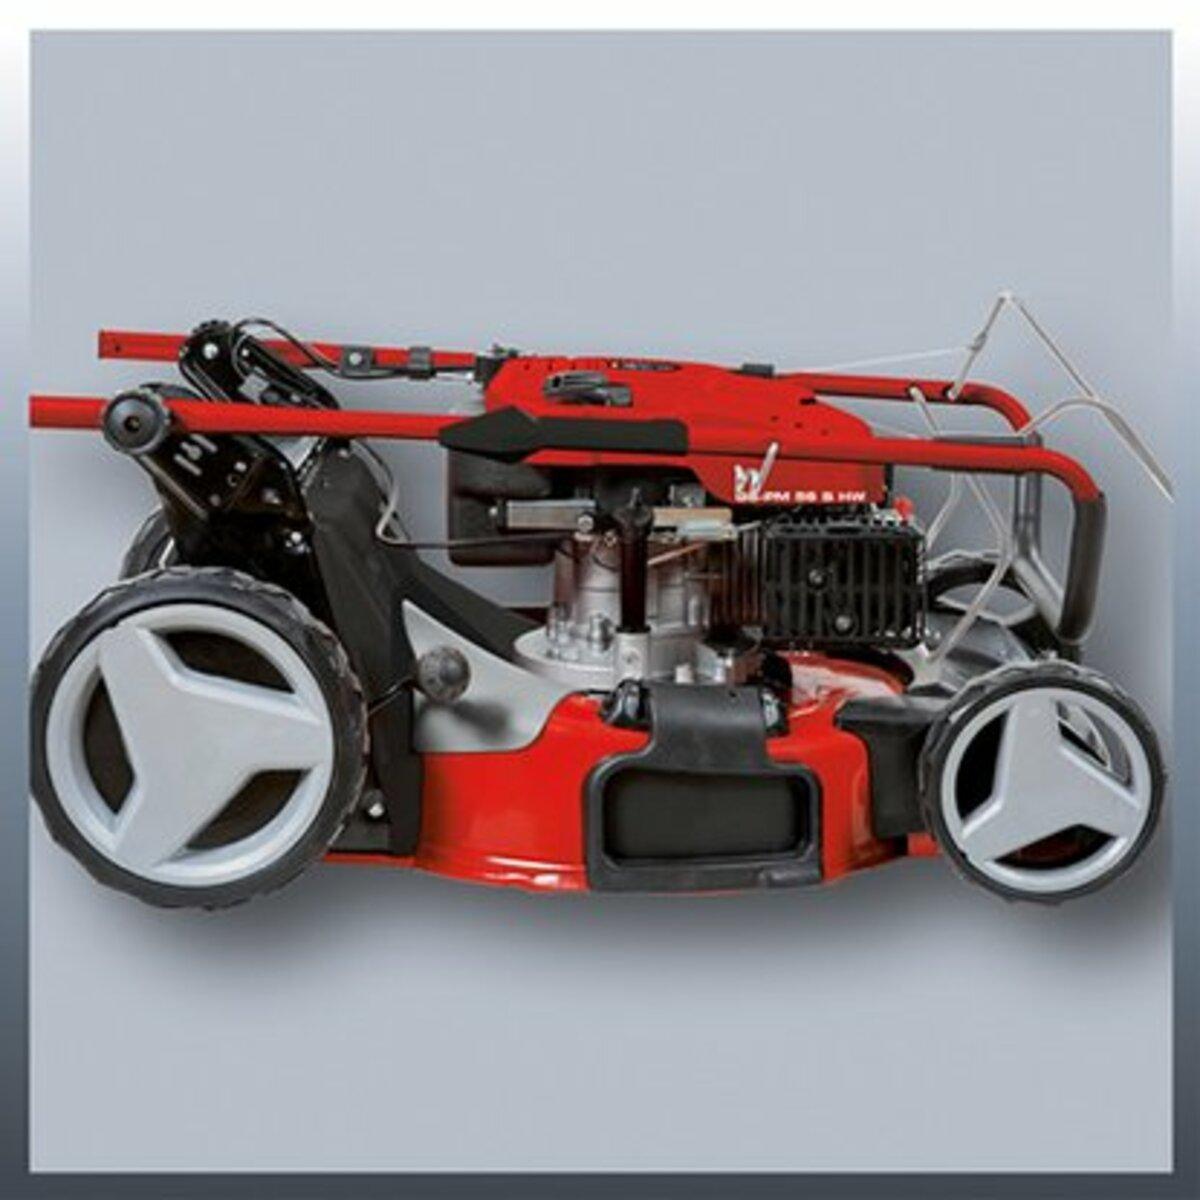 Bild 5 von Einhell Benzin-Rasenmäher GC-PM 56 S HW 50 l Fangsack mit Quick Start 2,8 kW